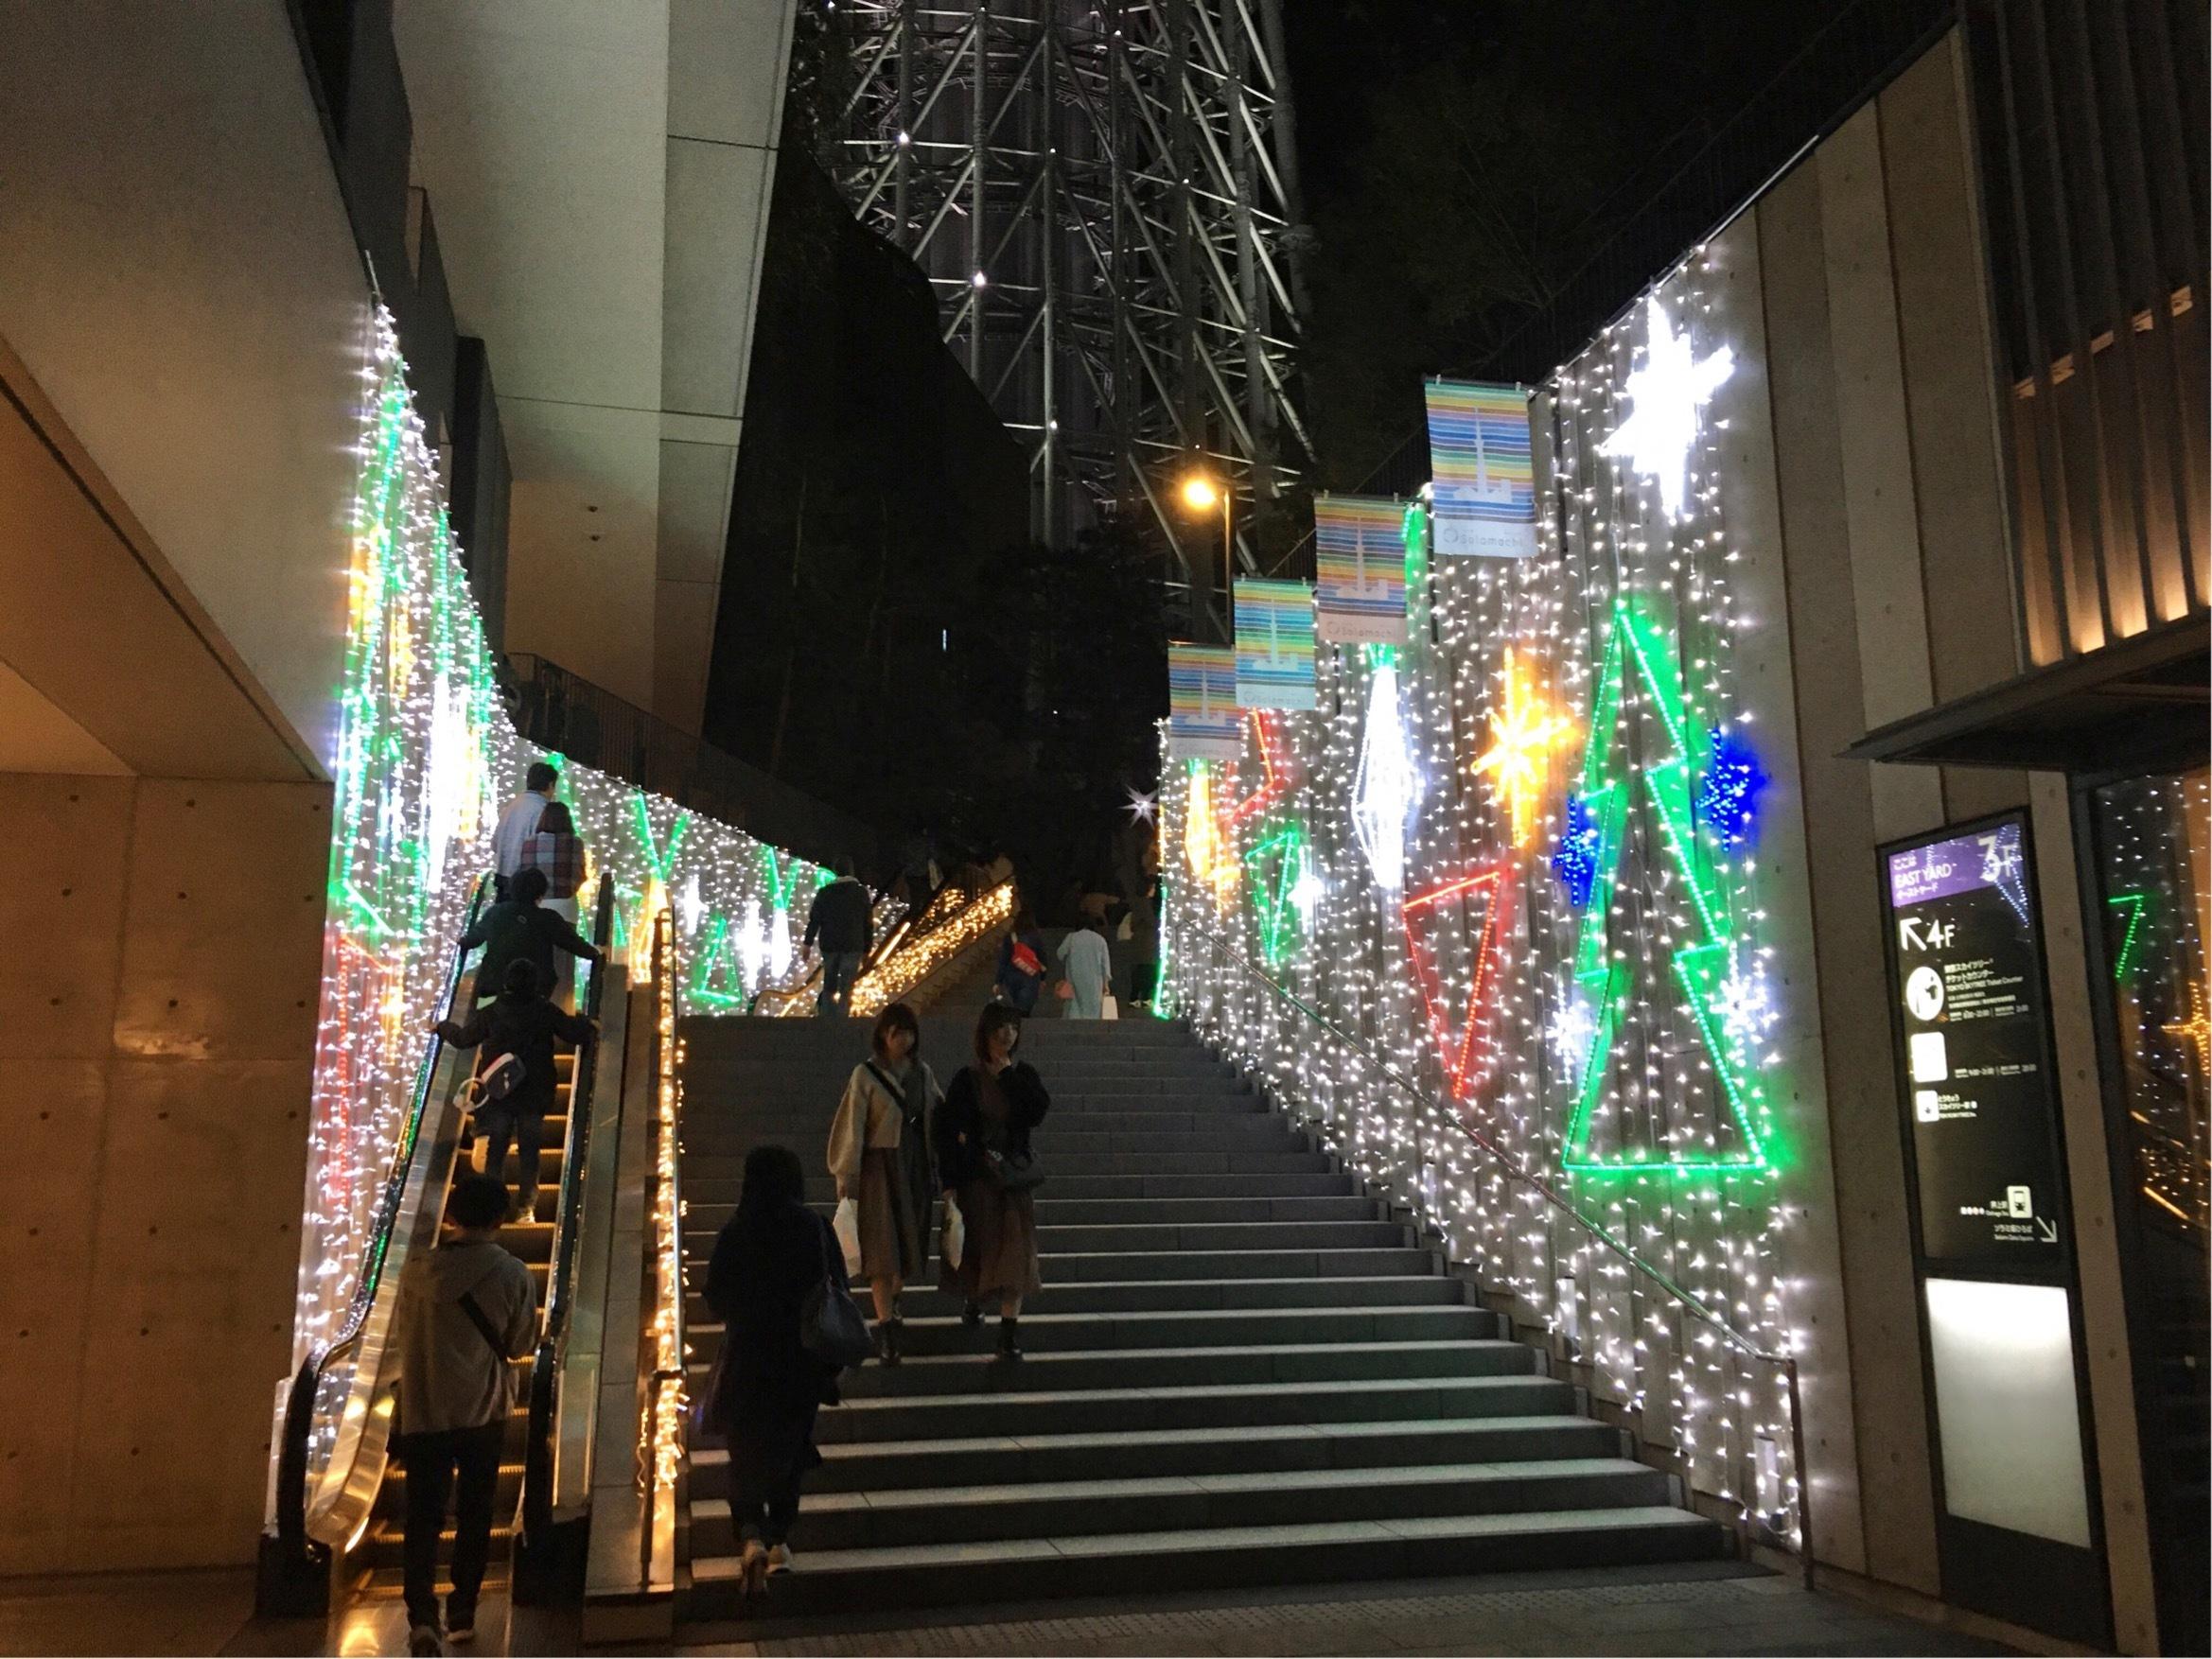 【デートにおすすめ】スカイツリーのクリスマス仕様がすごかった!_1_2-1